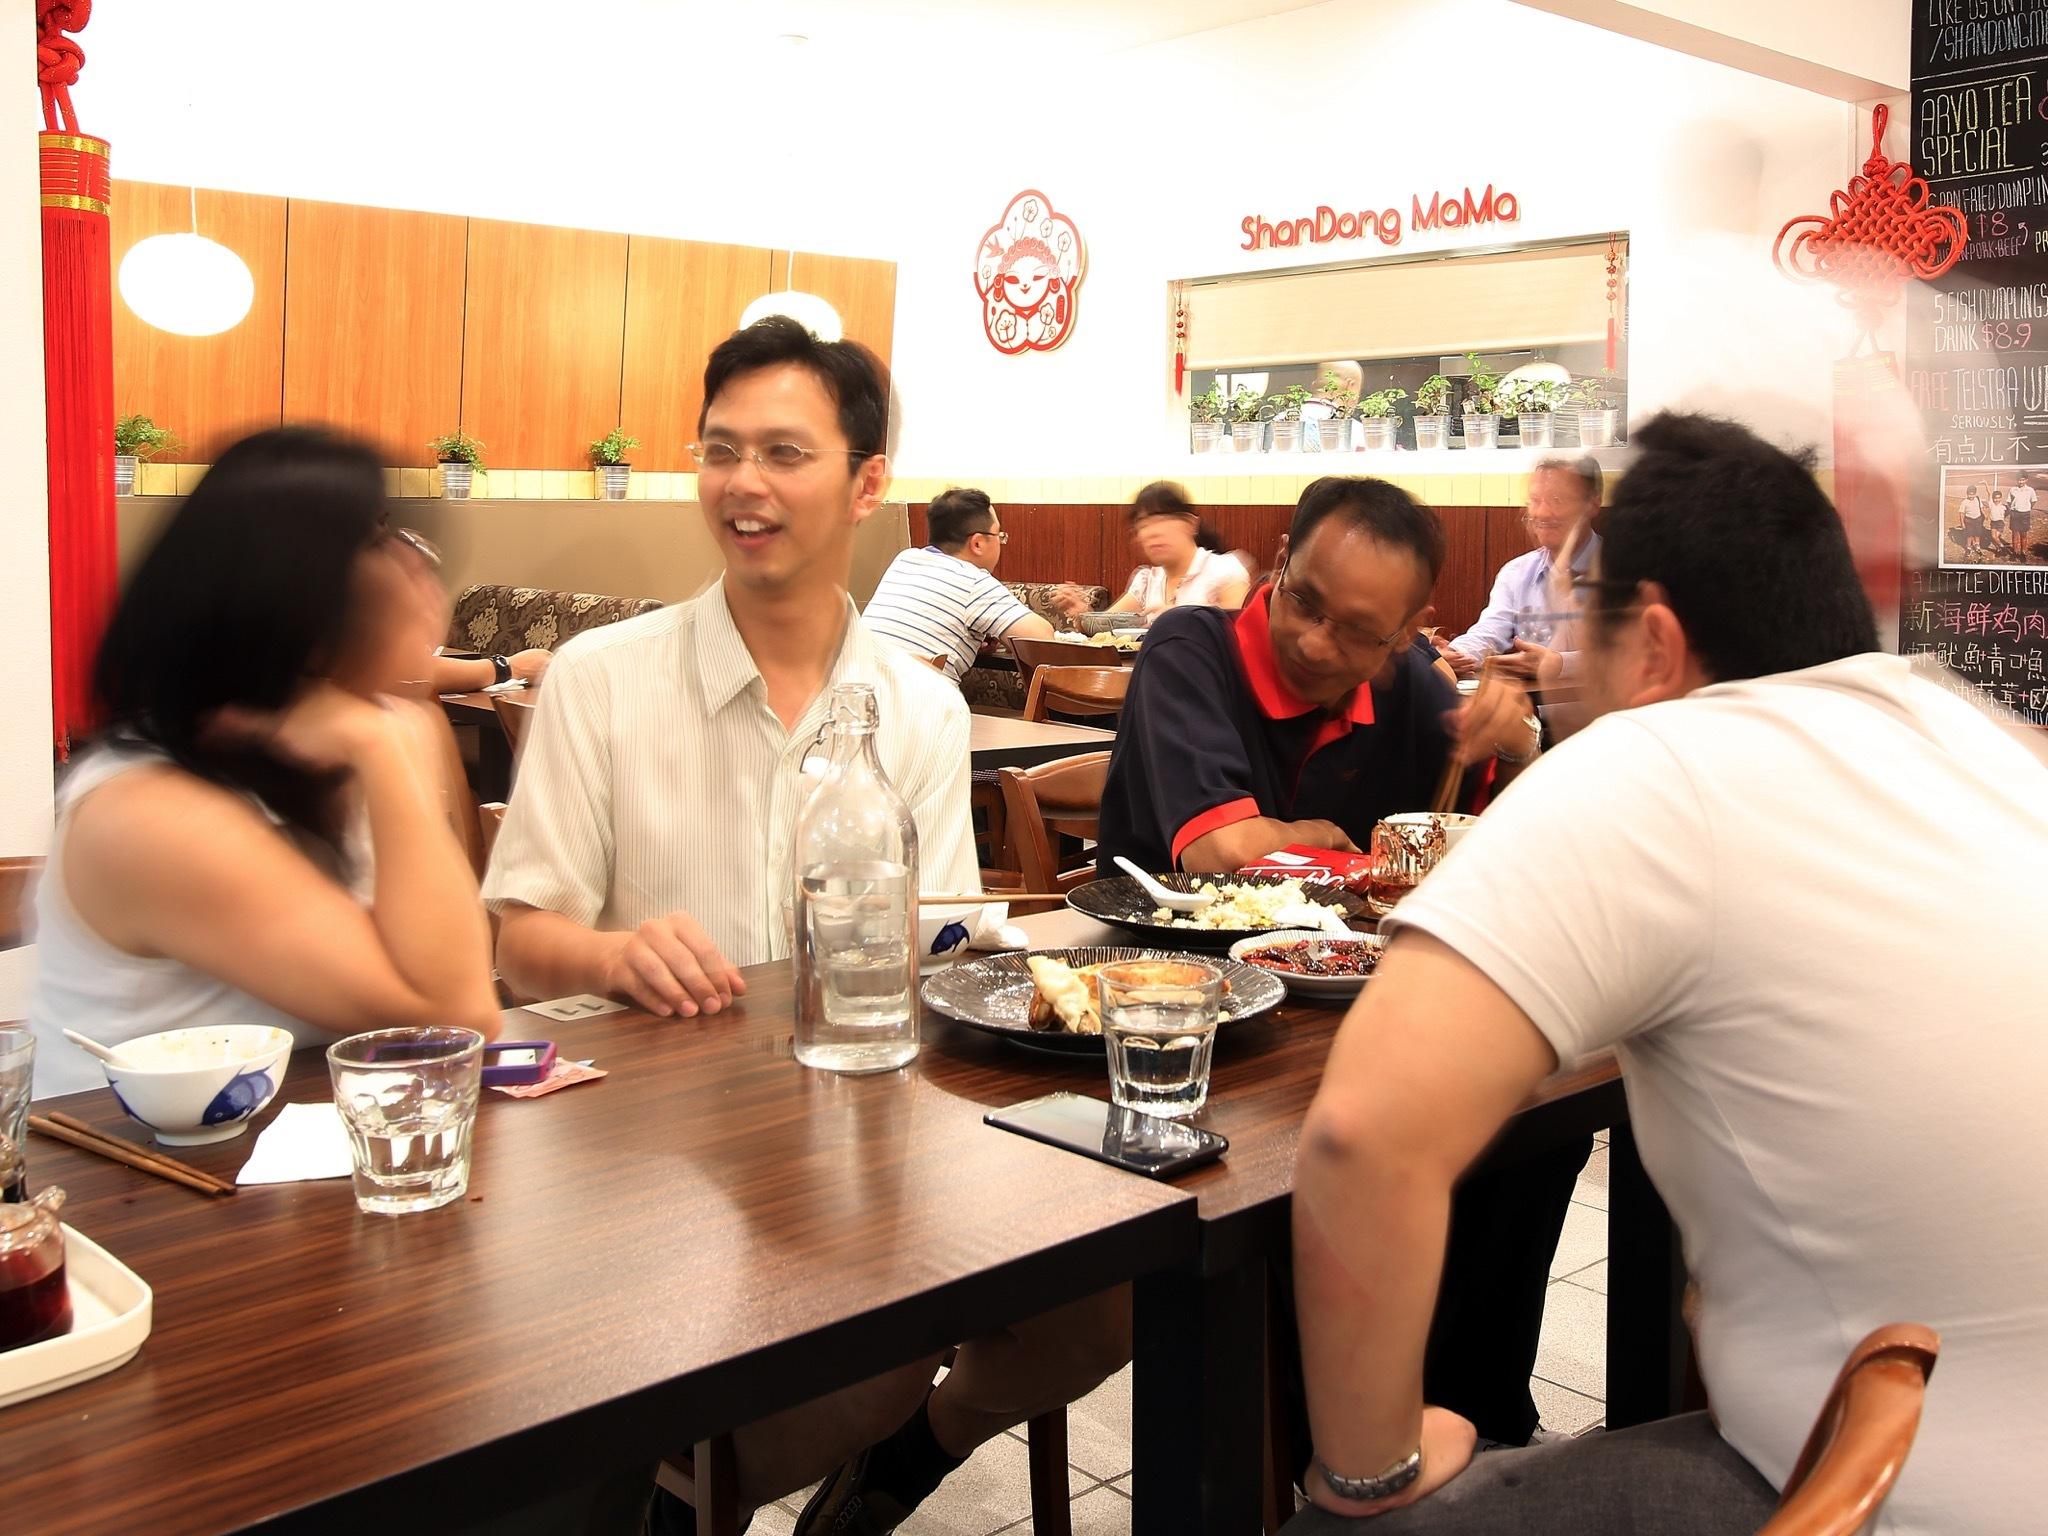 An interior shot at ShanDong MaMa shwoing a group of people sitt